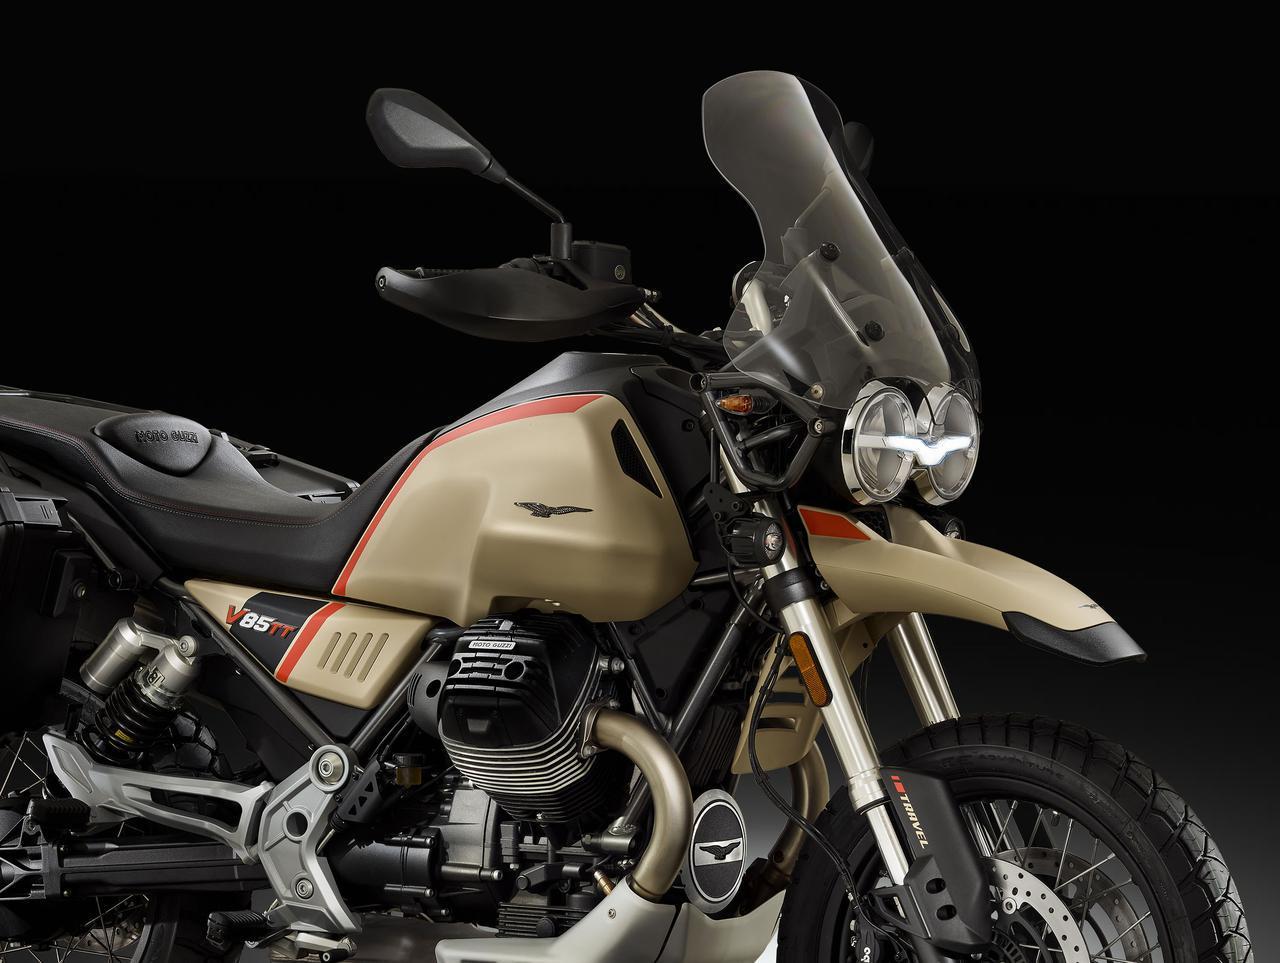 画像: モト・グッツィの新ADVモデル「V85TT Travel」が日本でも発売!- webオートバイ